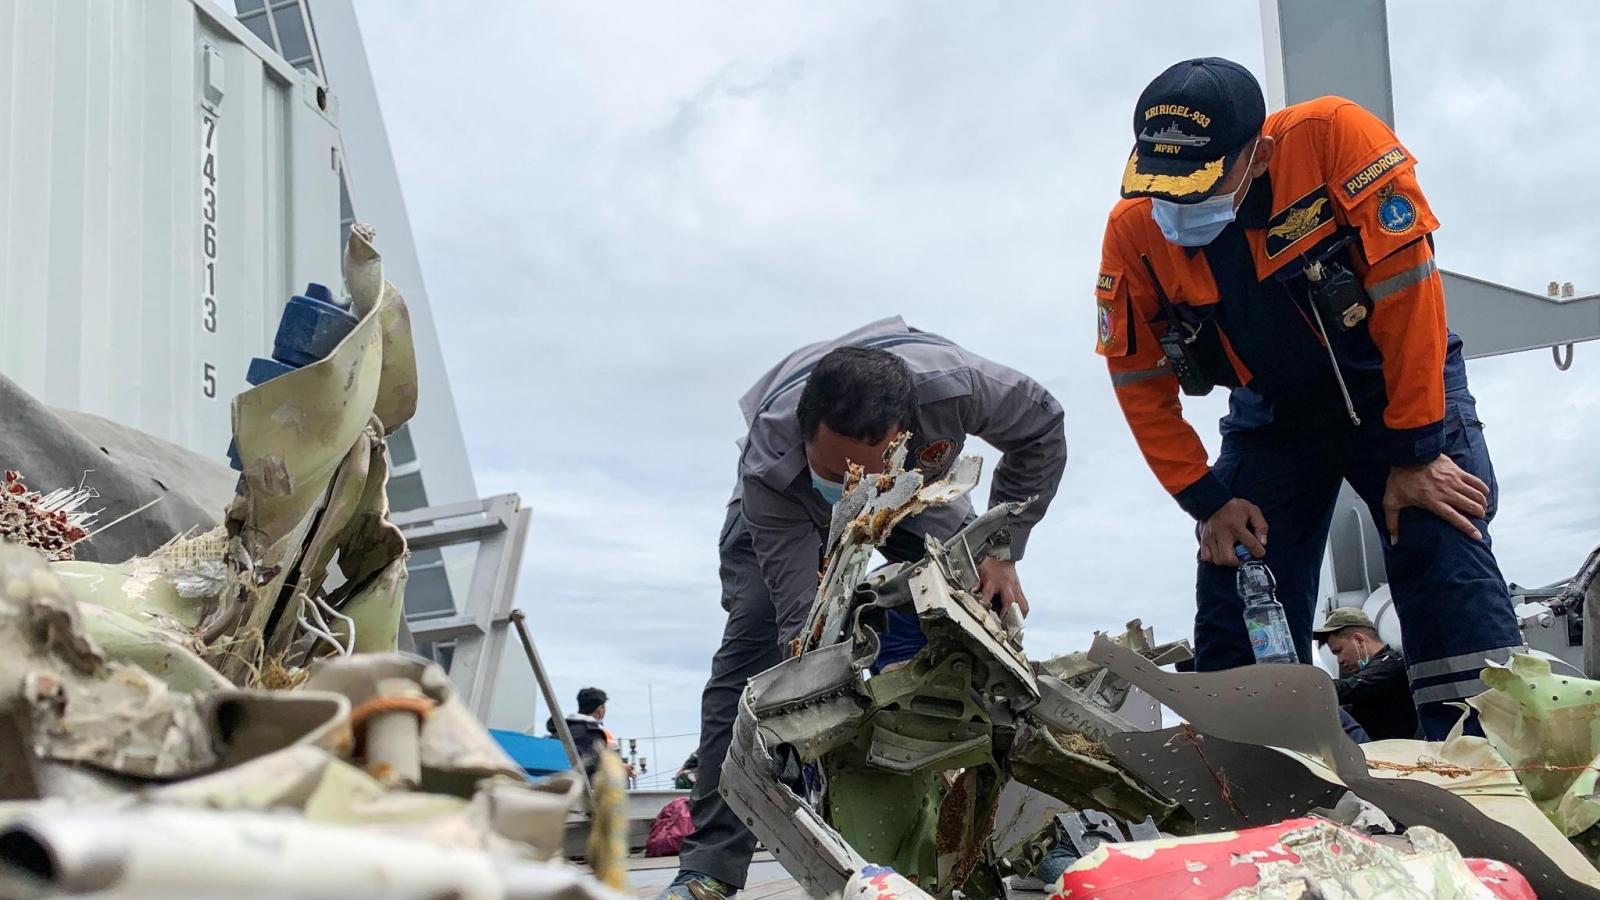 Vụ máy bay rơi ở Indonesia: Tiếp tục tìm kiếm cứu nạn thêm 3 ngày